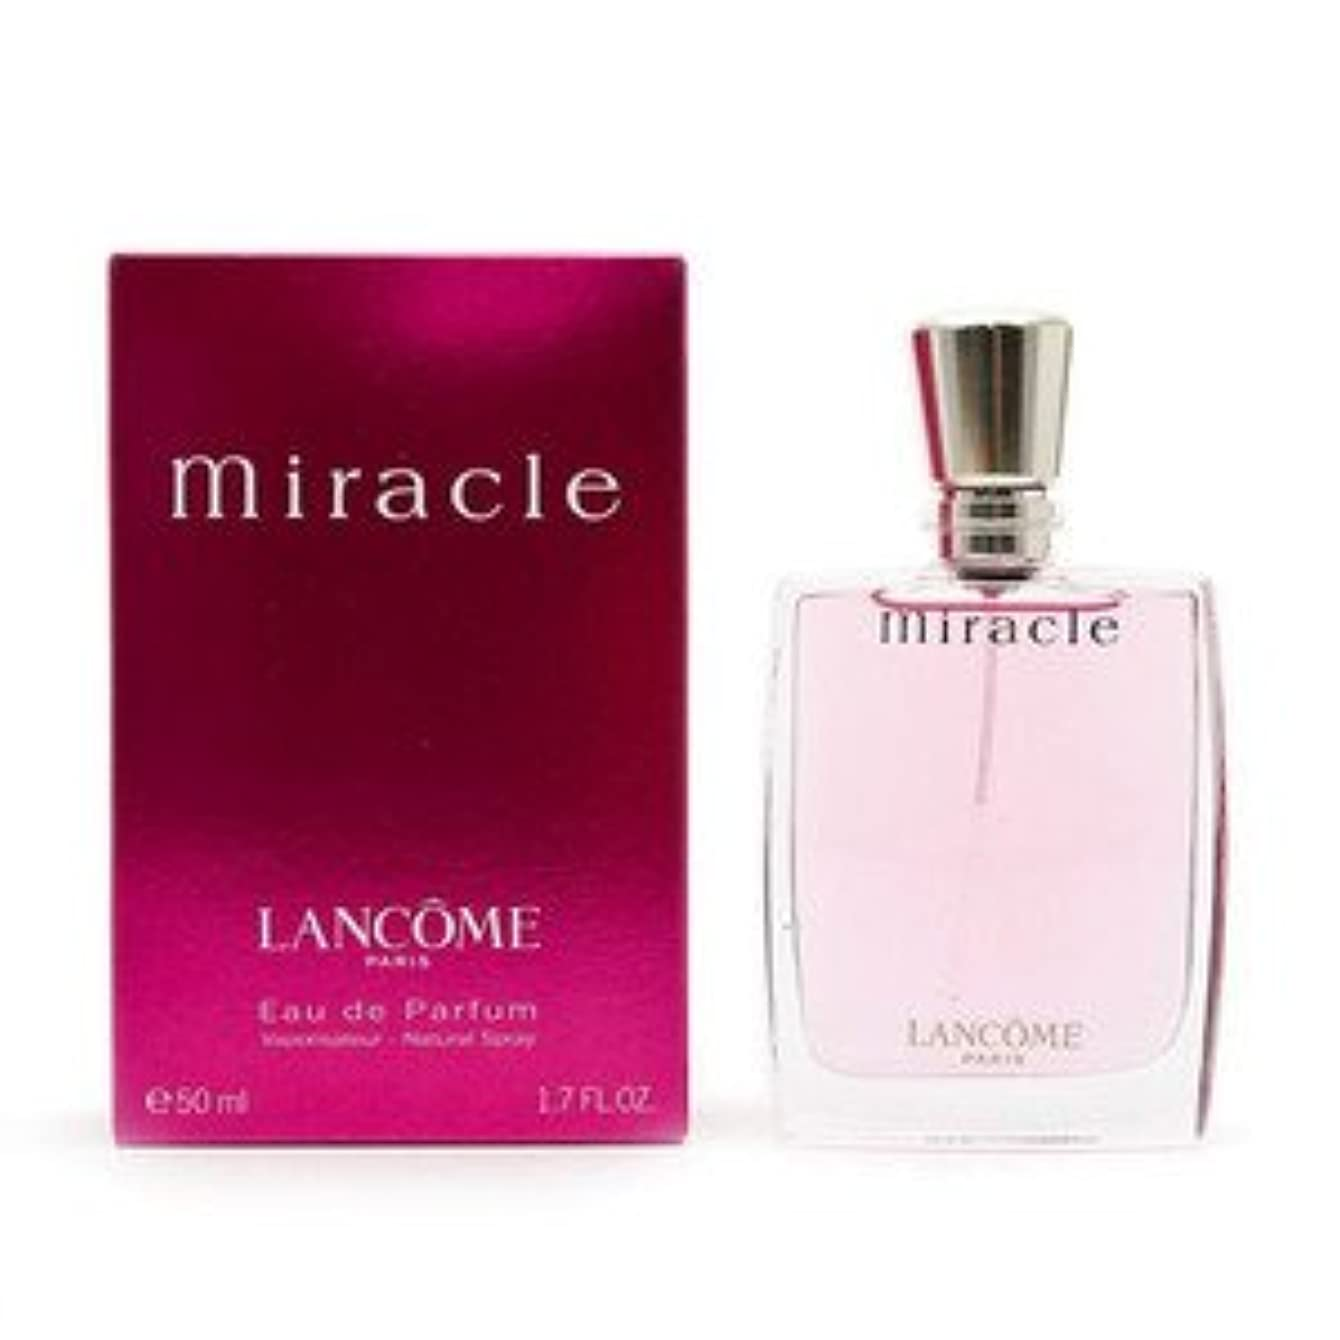 スクワイア連続的テレマコスランコム LANCOME ミラク オードパルファム EDP 50mL 香水